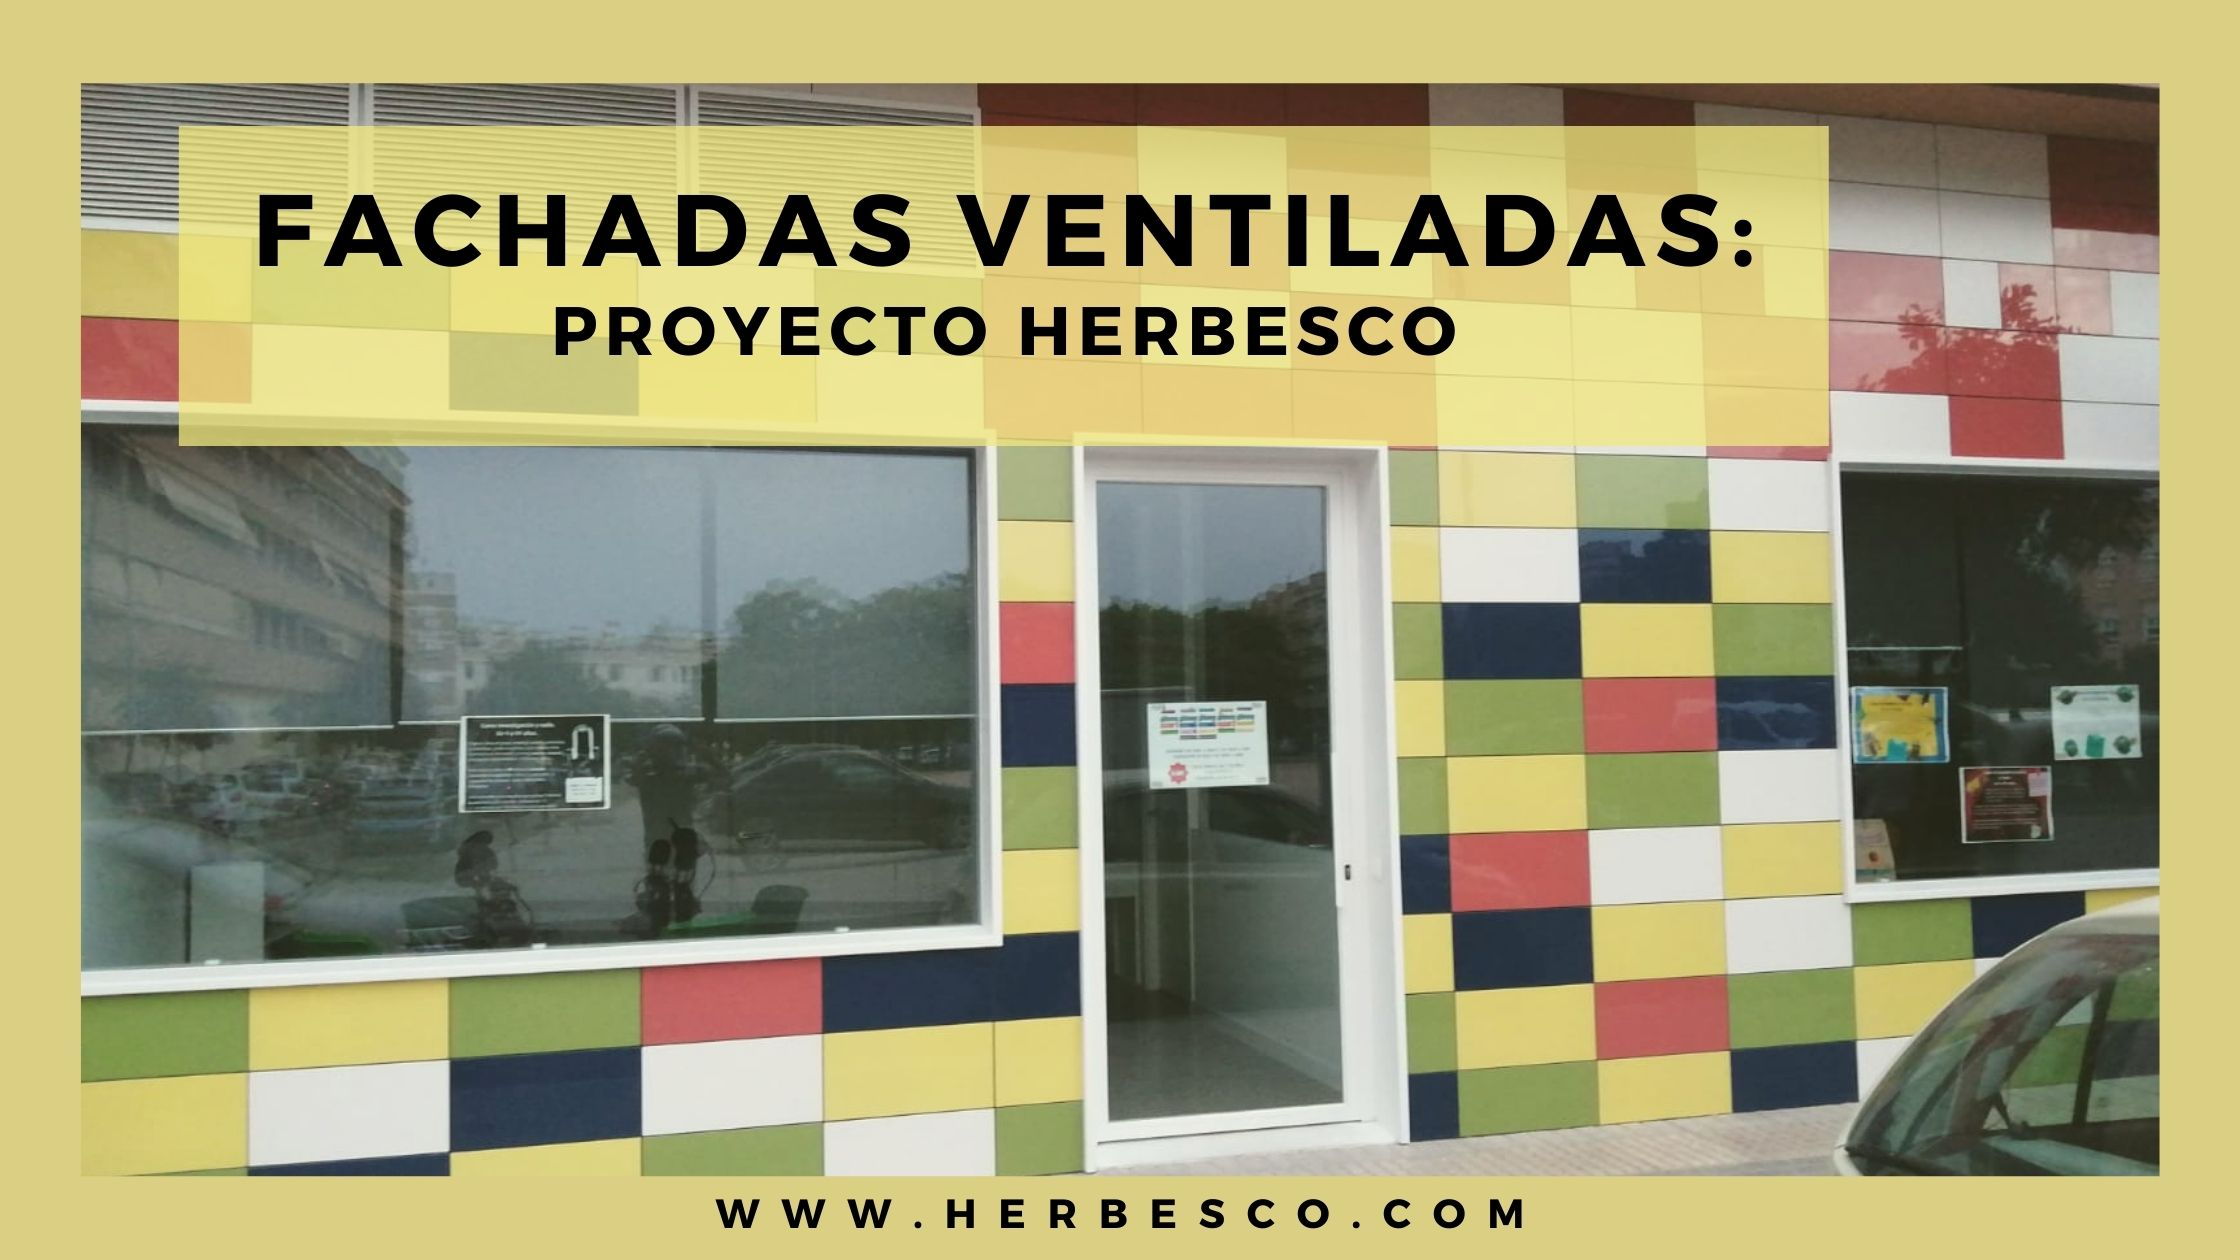 fachadas-ventiladas-y-sus-ventajas-1